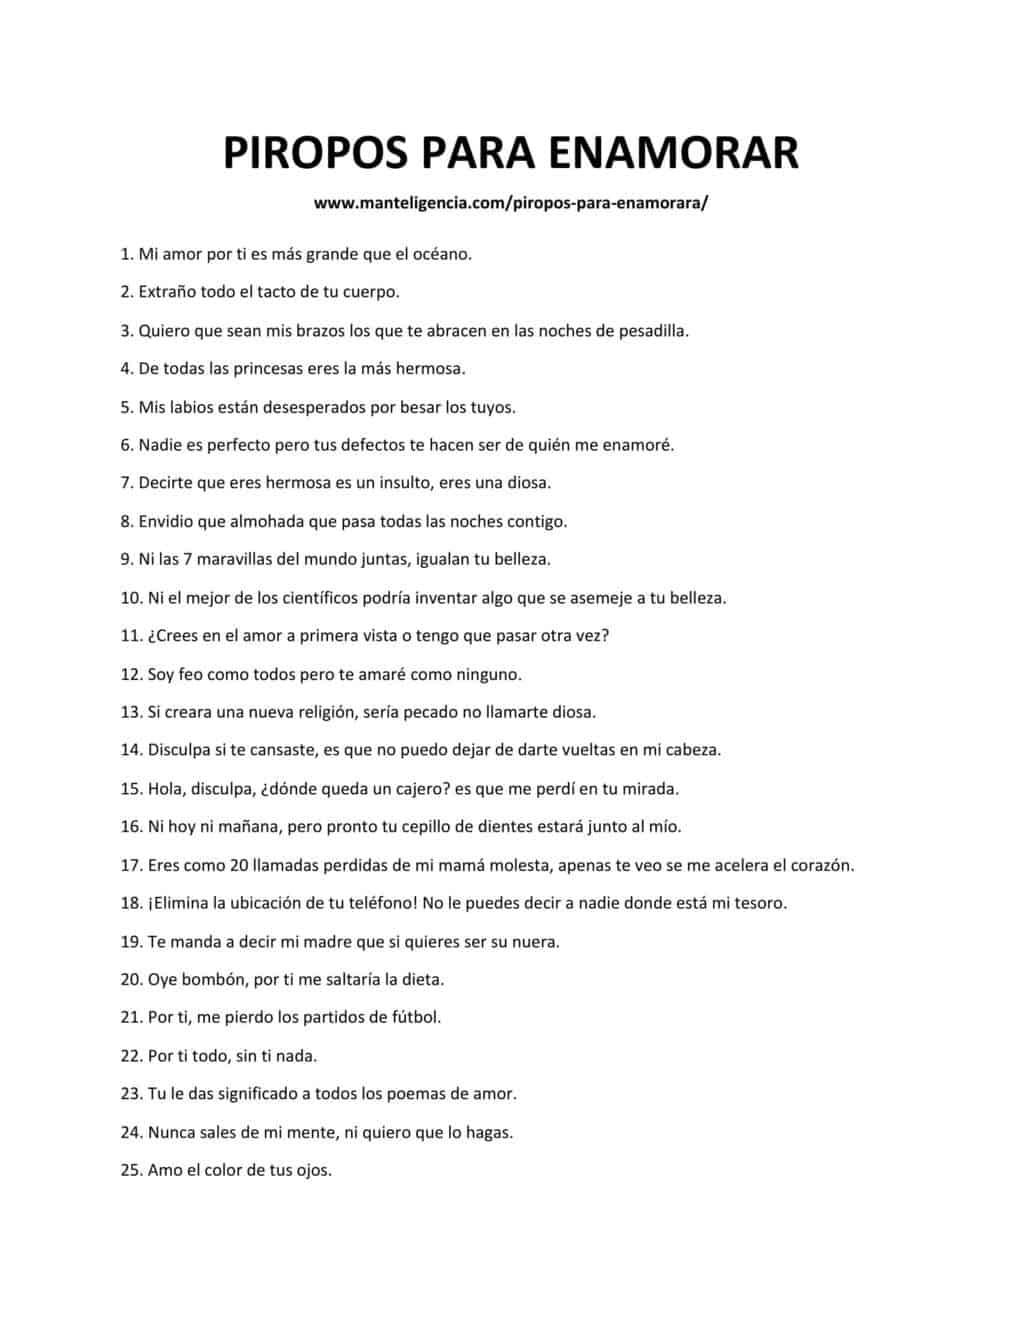 PIROPOS PARA ENAMORAR-1